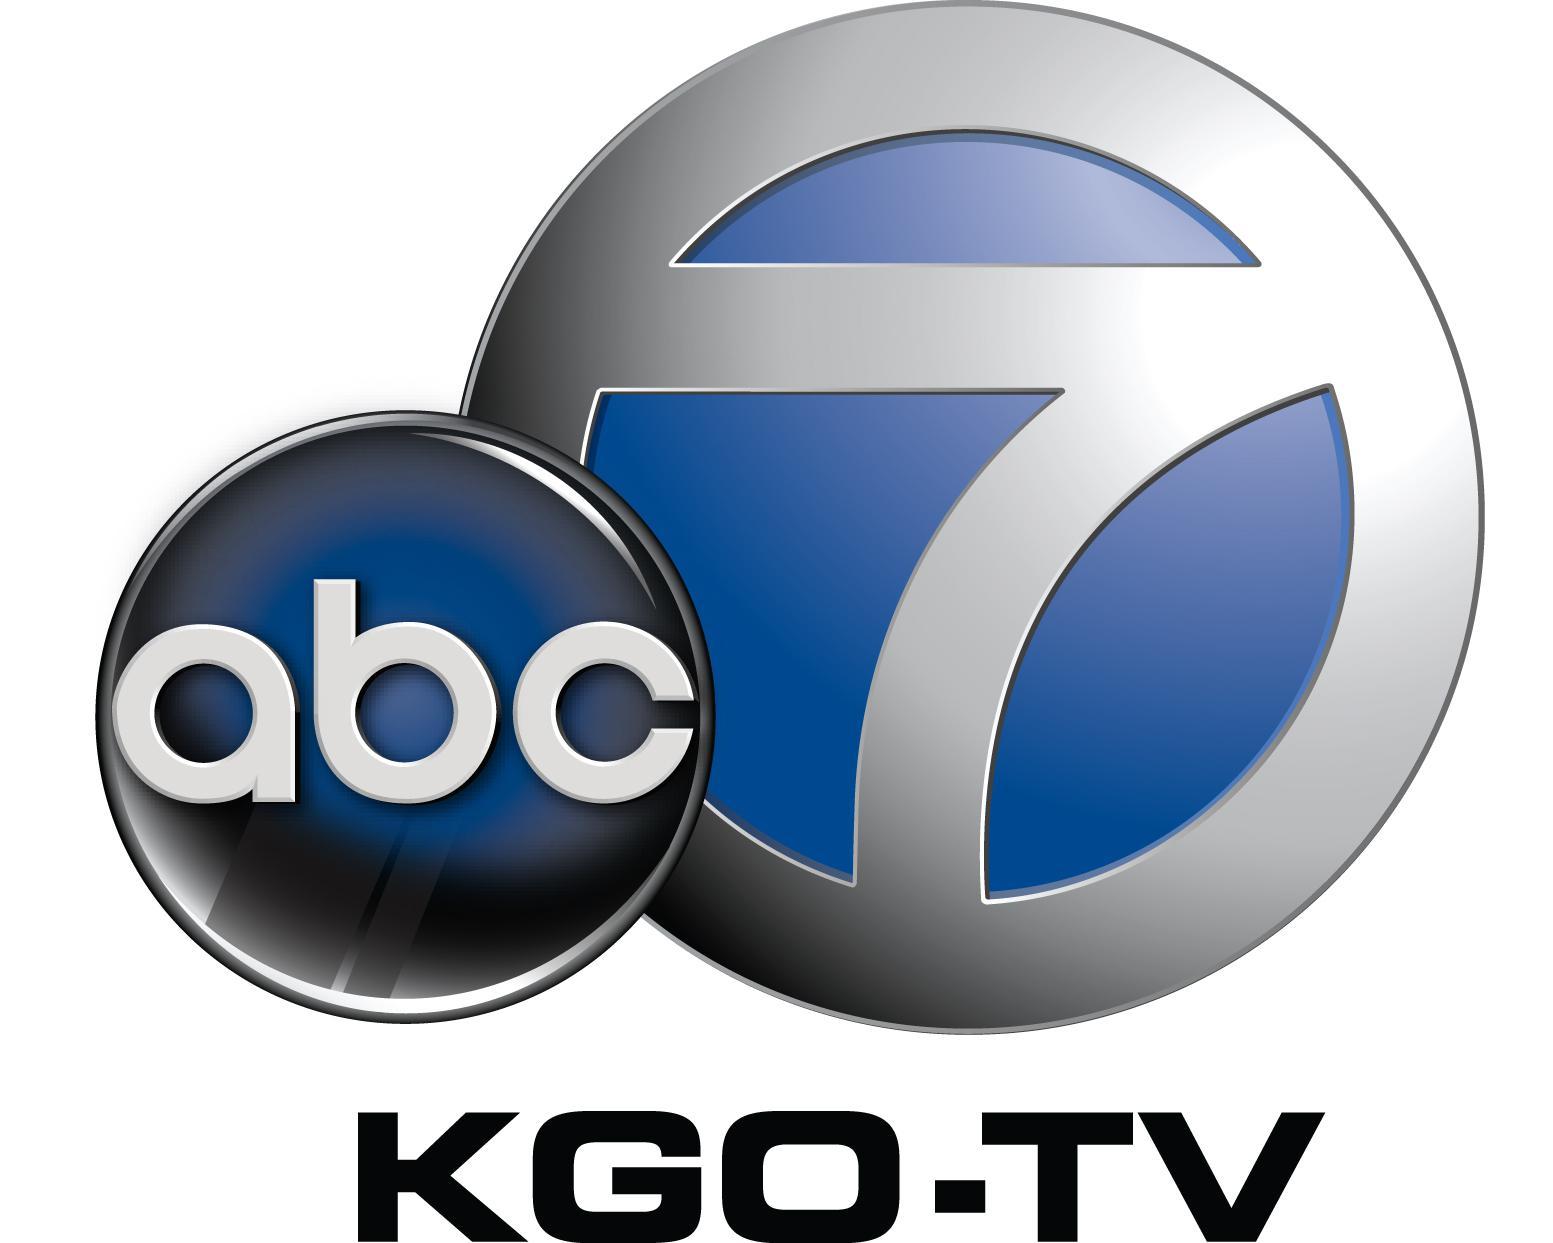 kgo-tv-color-logo.jpg